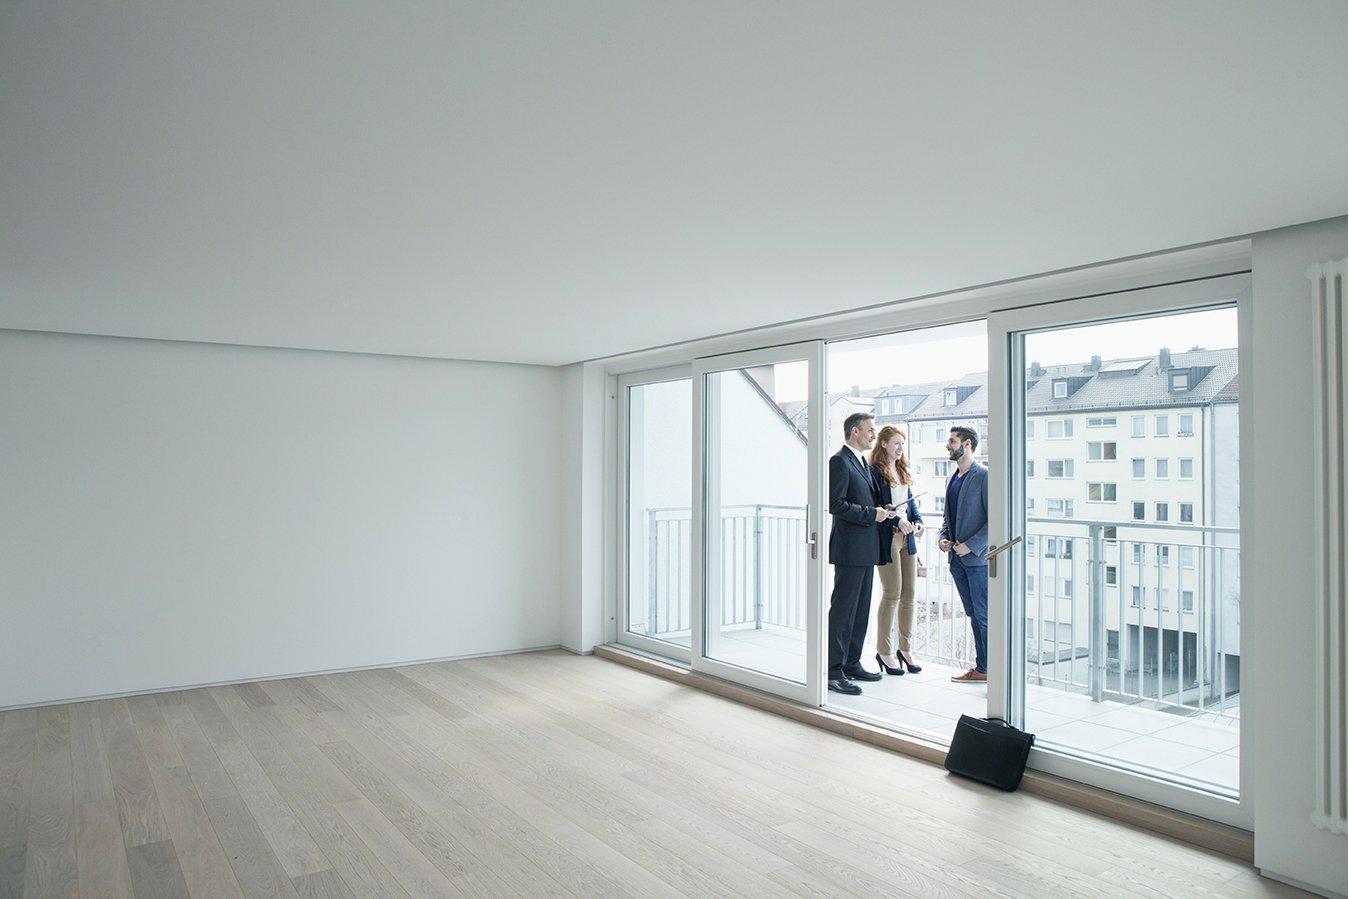 Обезопасьте себя: что нужно знать при покупке квартиры и на что необходимо обратить внимание?